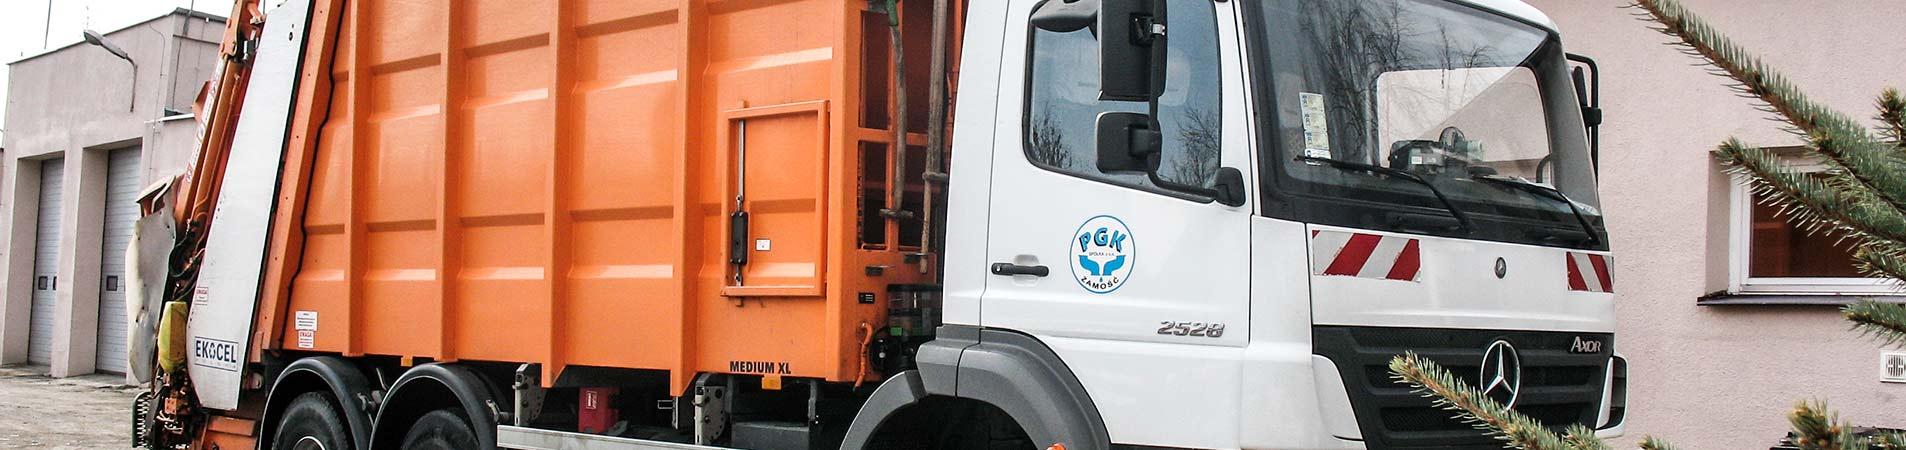 """Mobilną zbiórka odpadów wielkogabarytowych oraz """"elektrośmieci"""""""